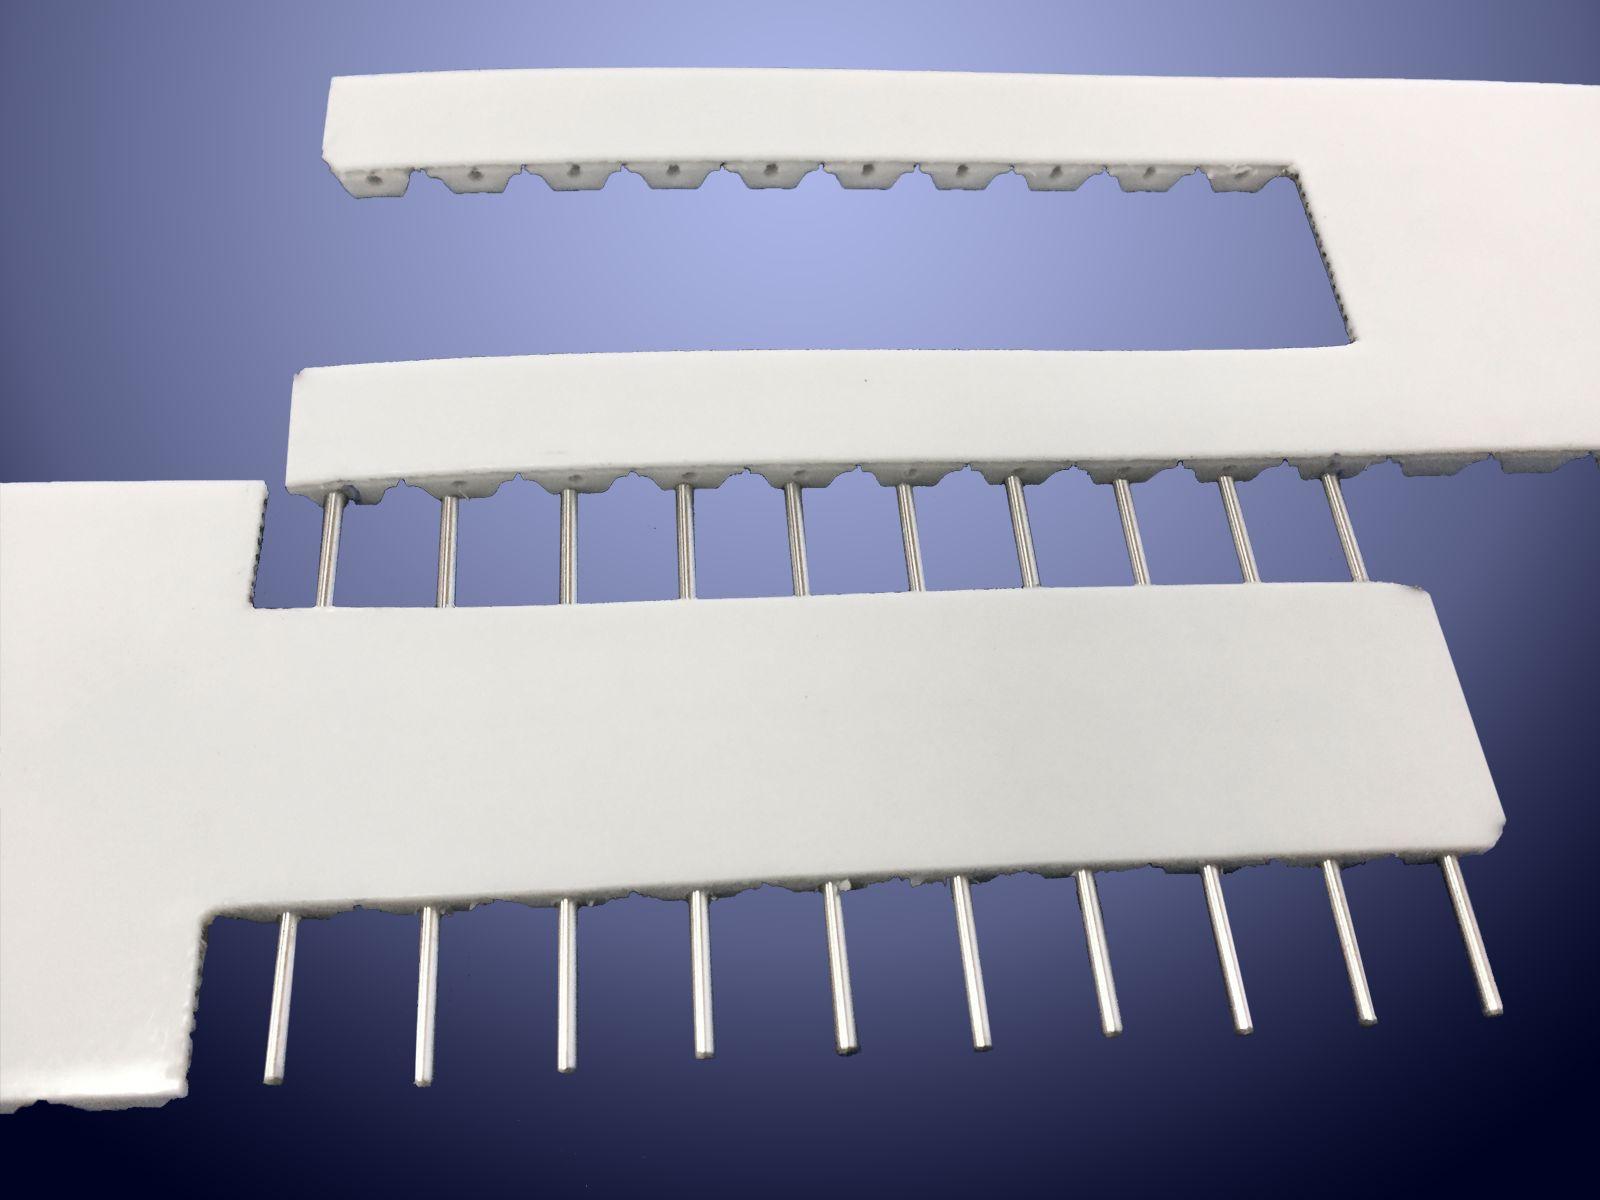 La giunzione mediante spine è un'ottima soluzione per la sostituzione rapida della cinghia